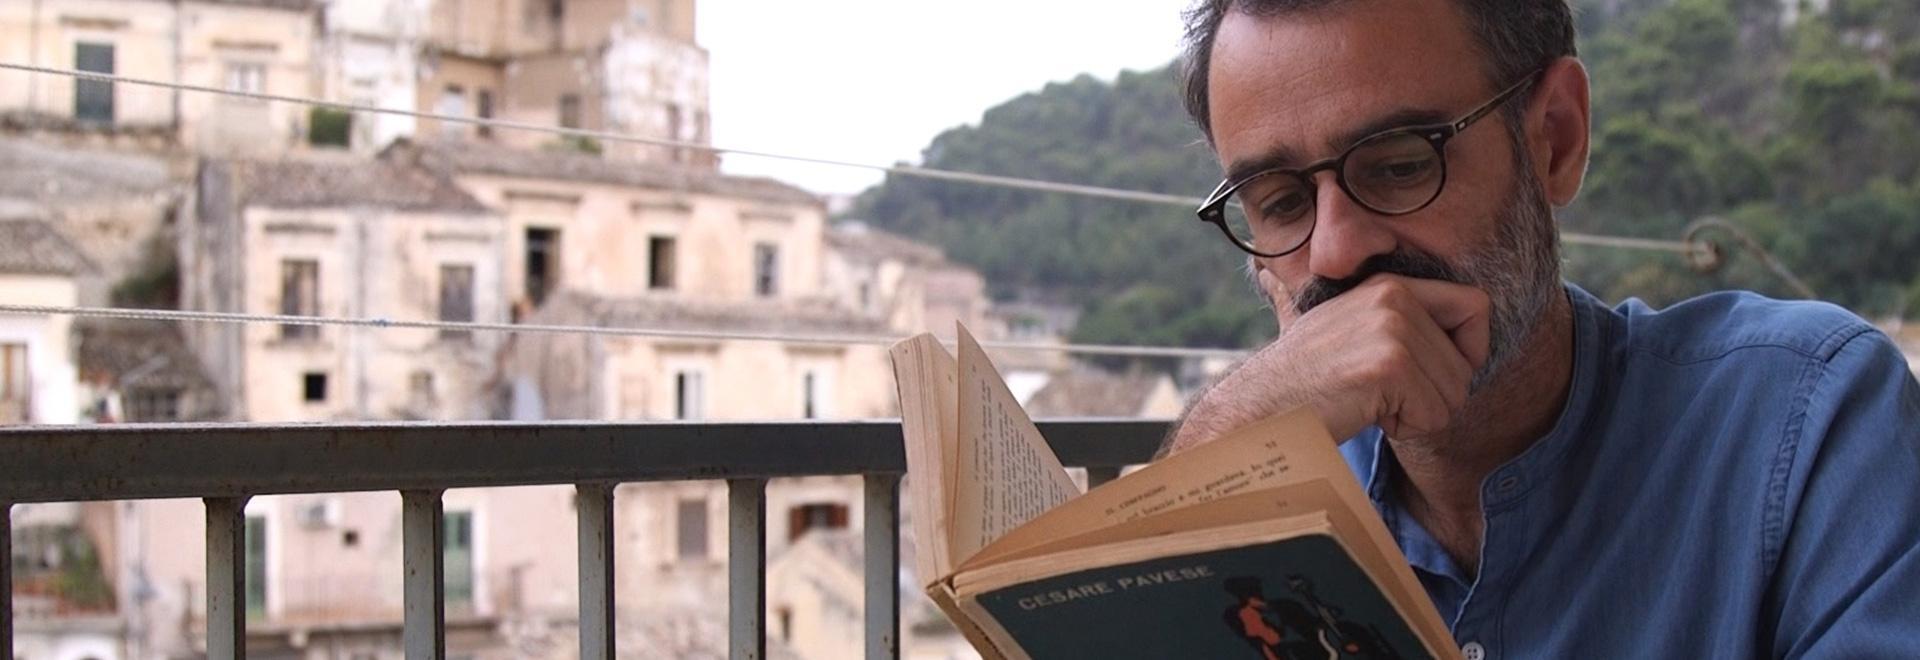 Angelo, il lettore sopra le righe